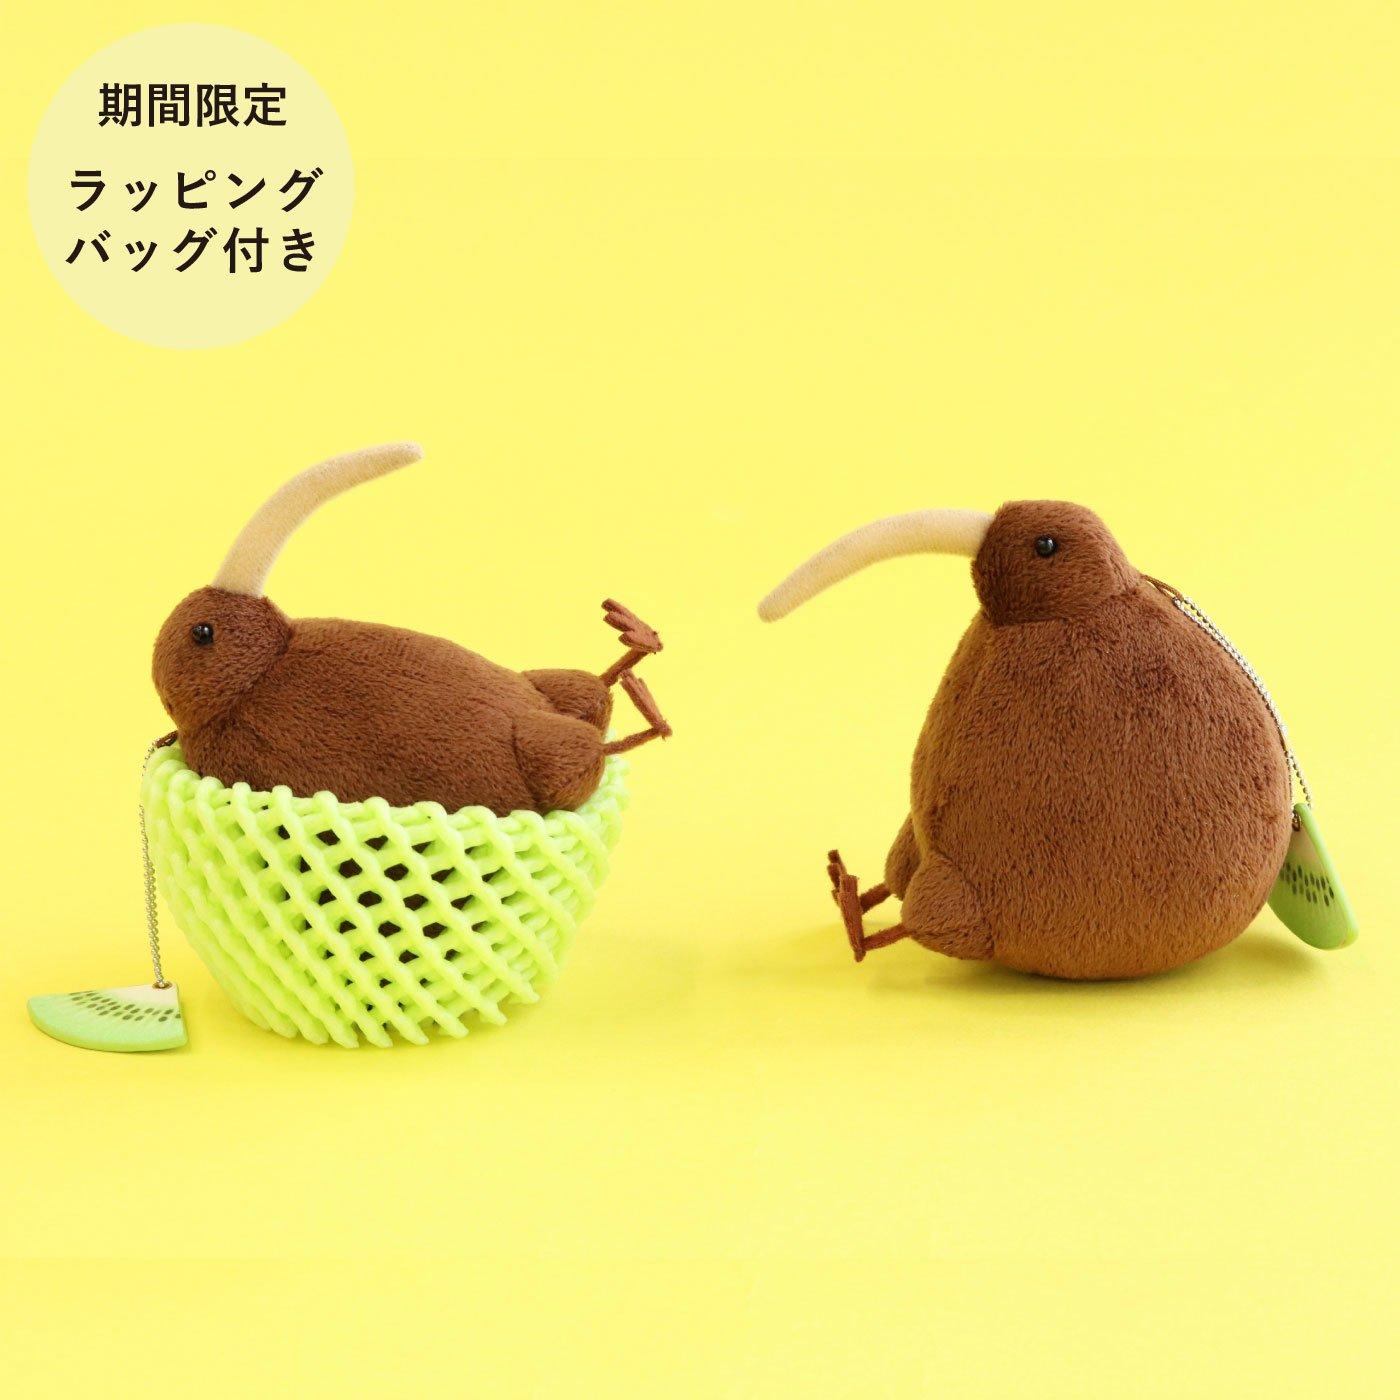 【ラッピングバッグ付き!】YOU+MORE! キウイフルーツみたいなキーウィミニマスコット